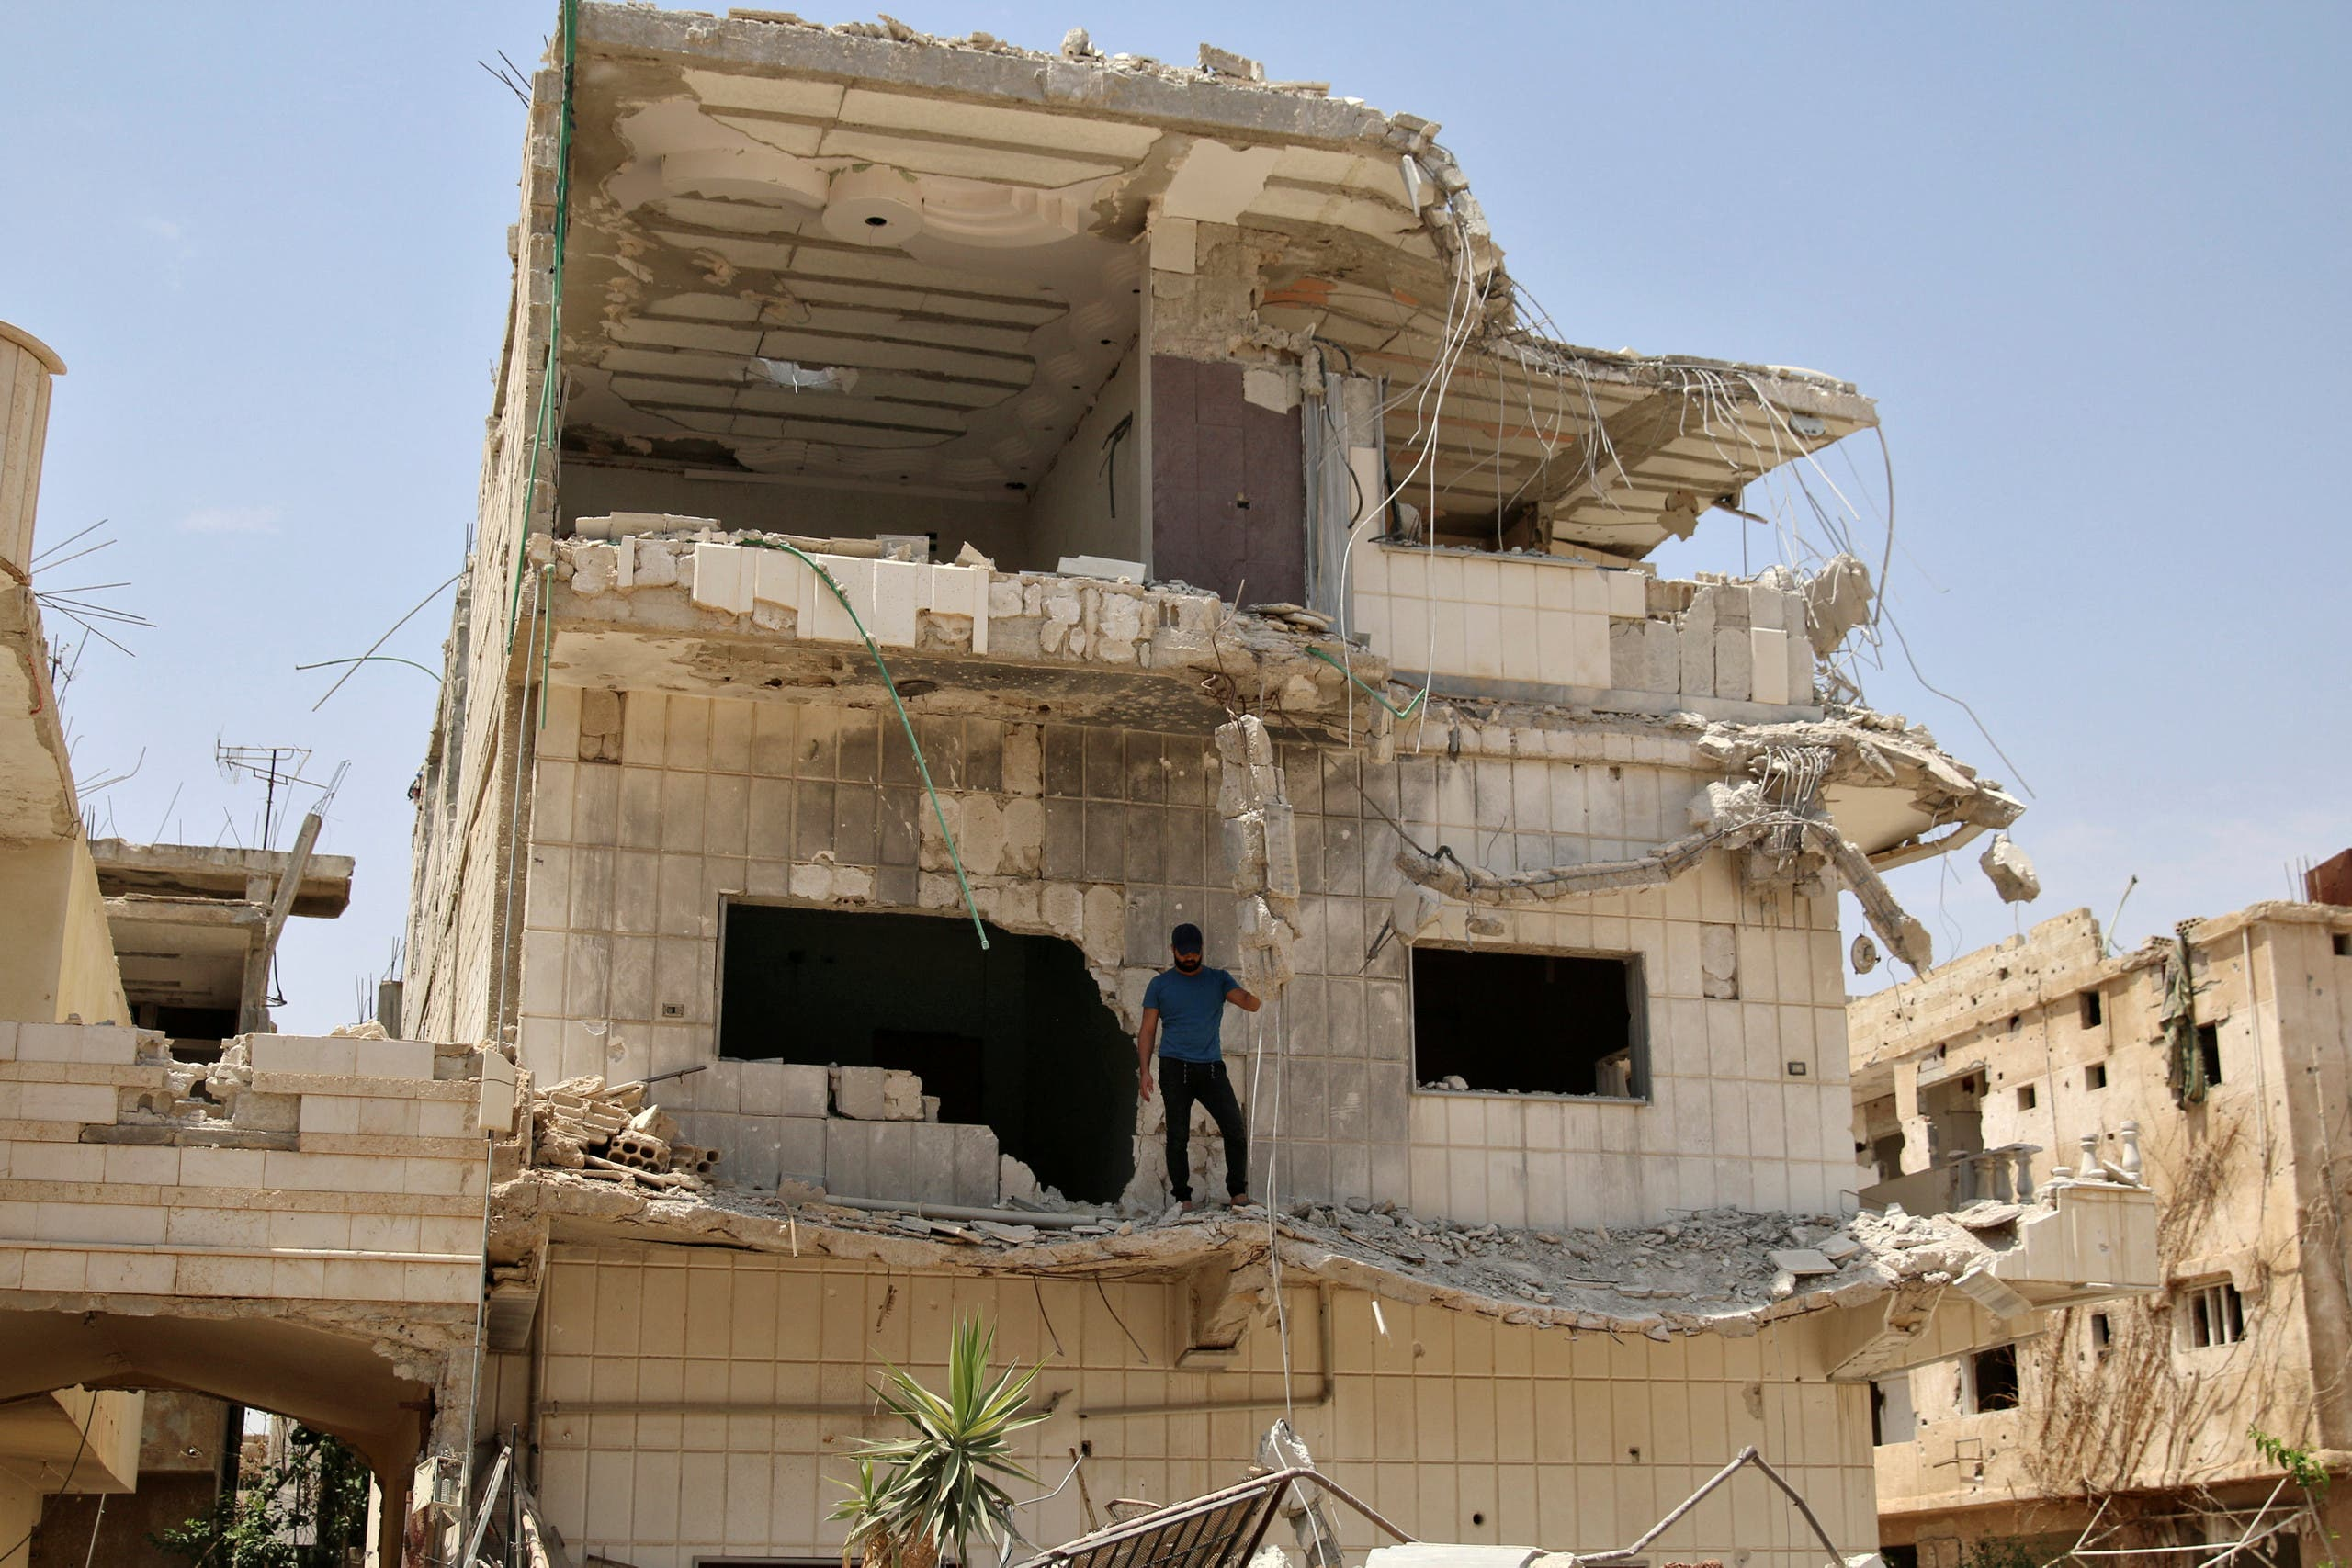 يتفقدون آثار الدمار بعد سريان الهدنة في درعا